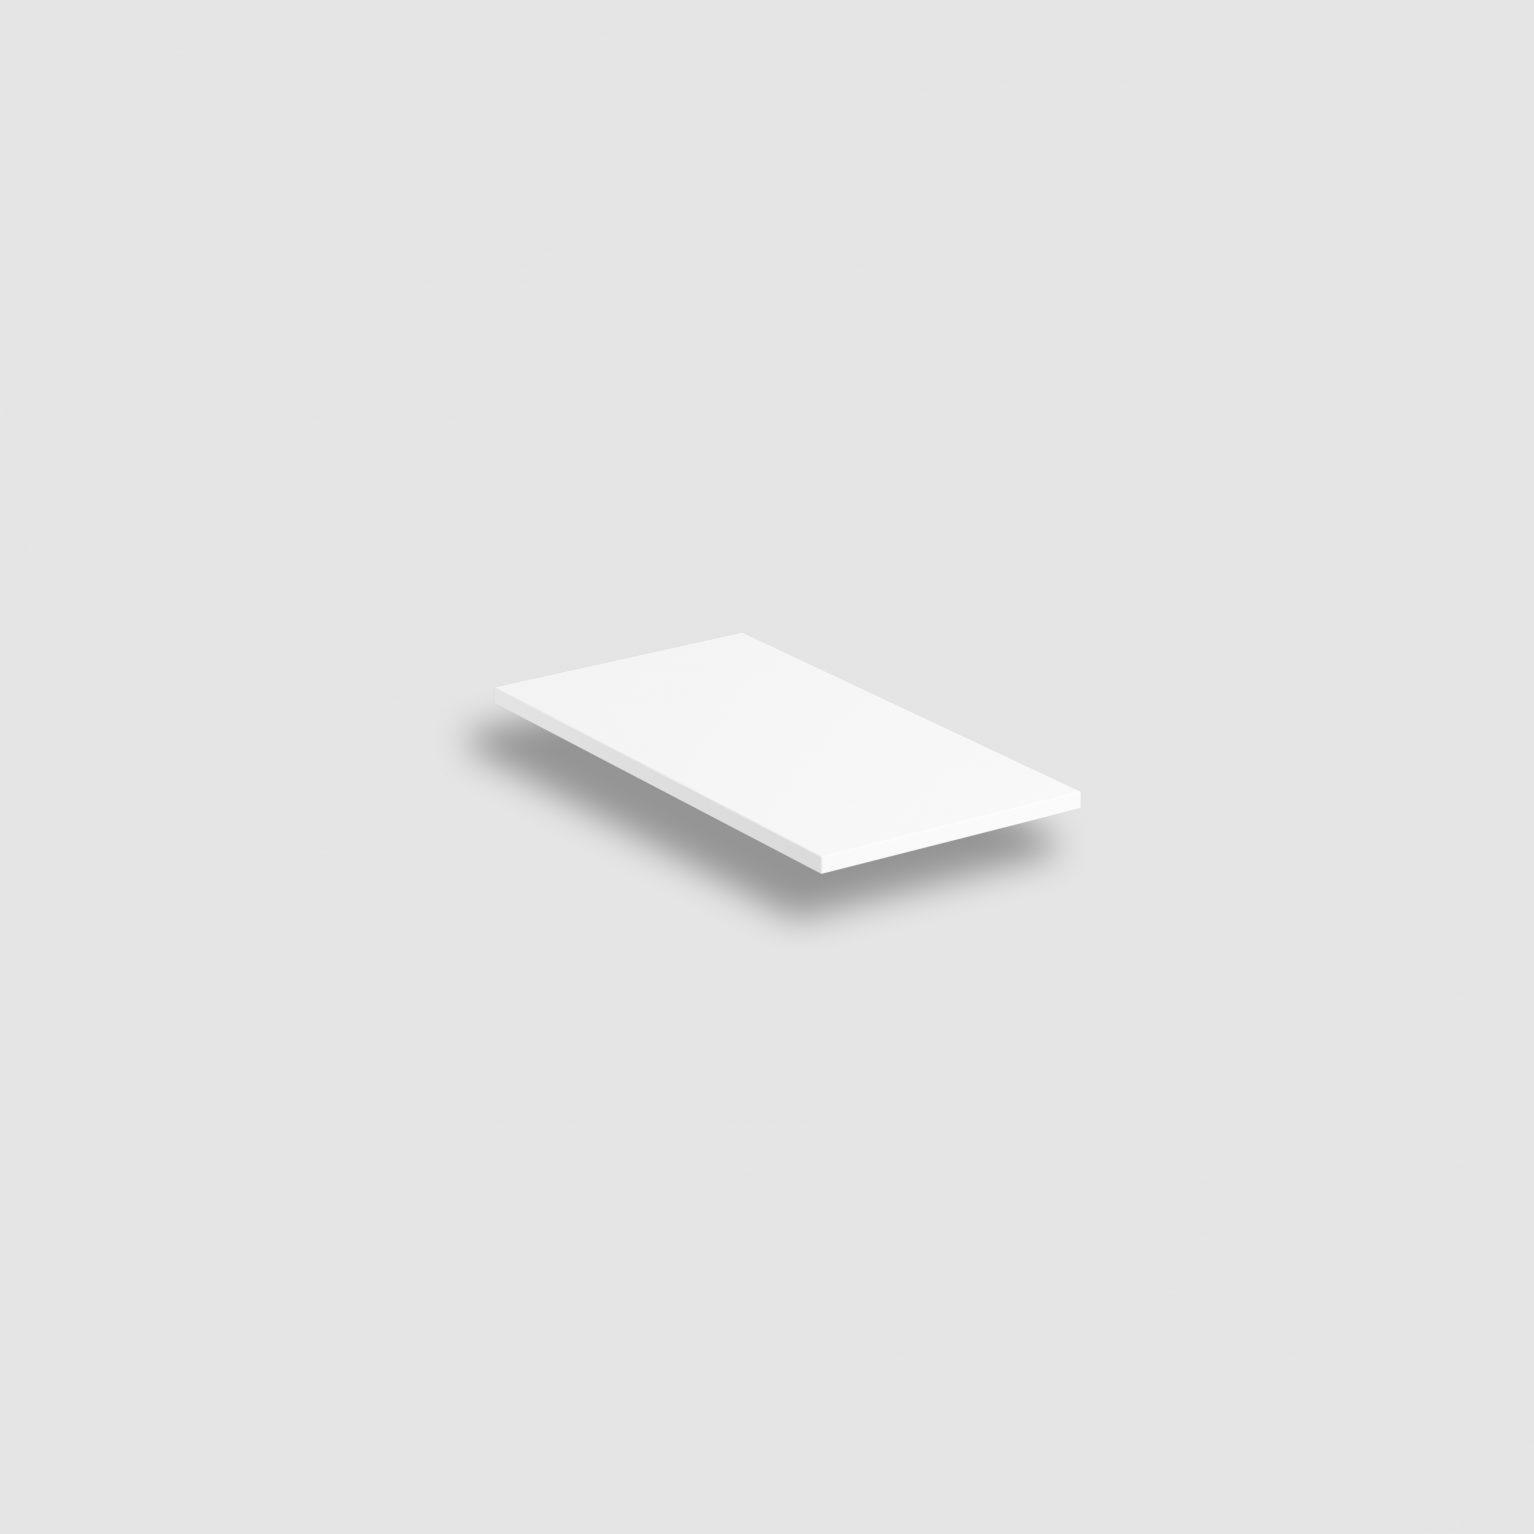 Hammock Frame inleg planchet 30 cm, mat wit aluite)